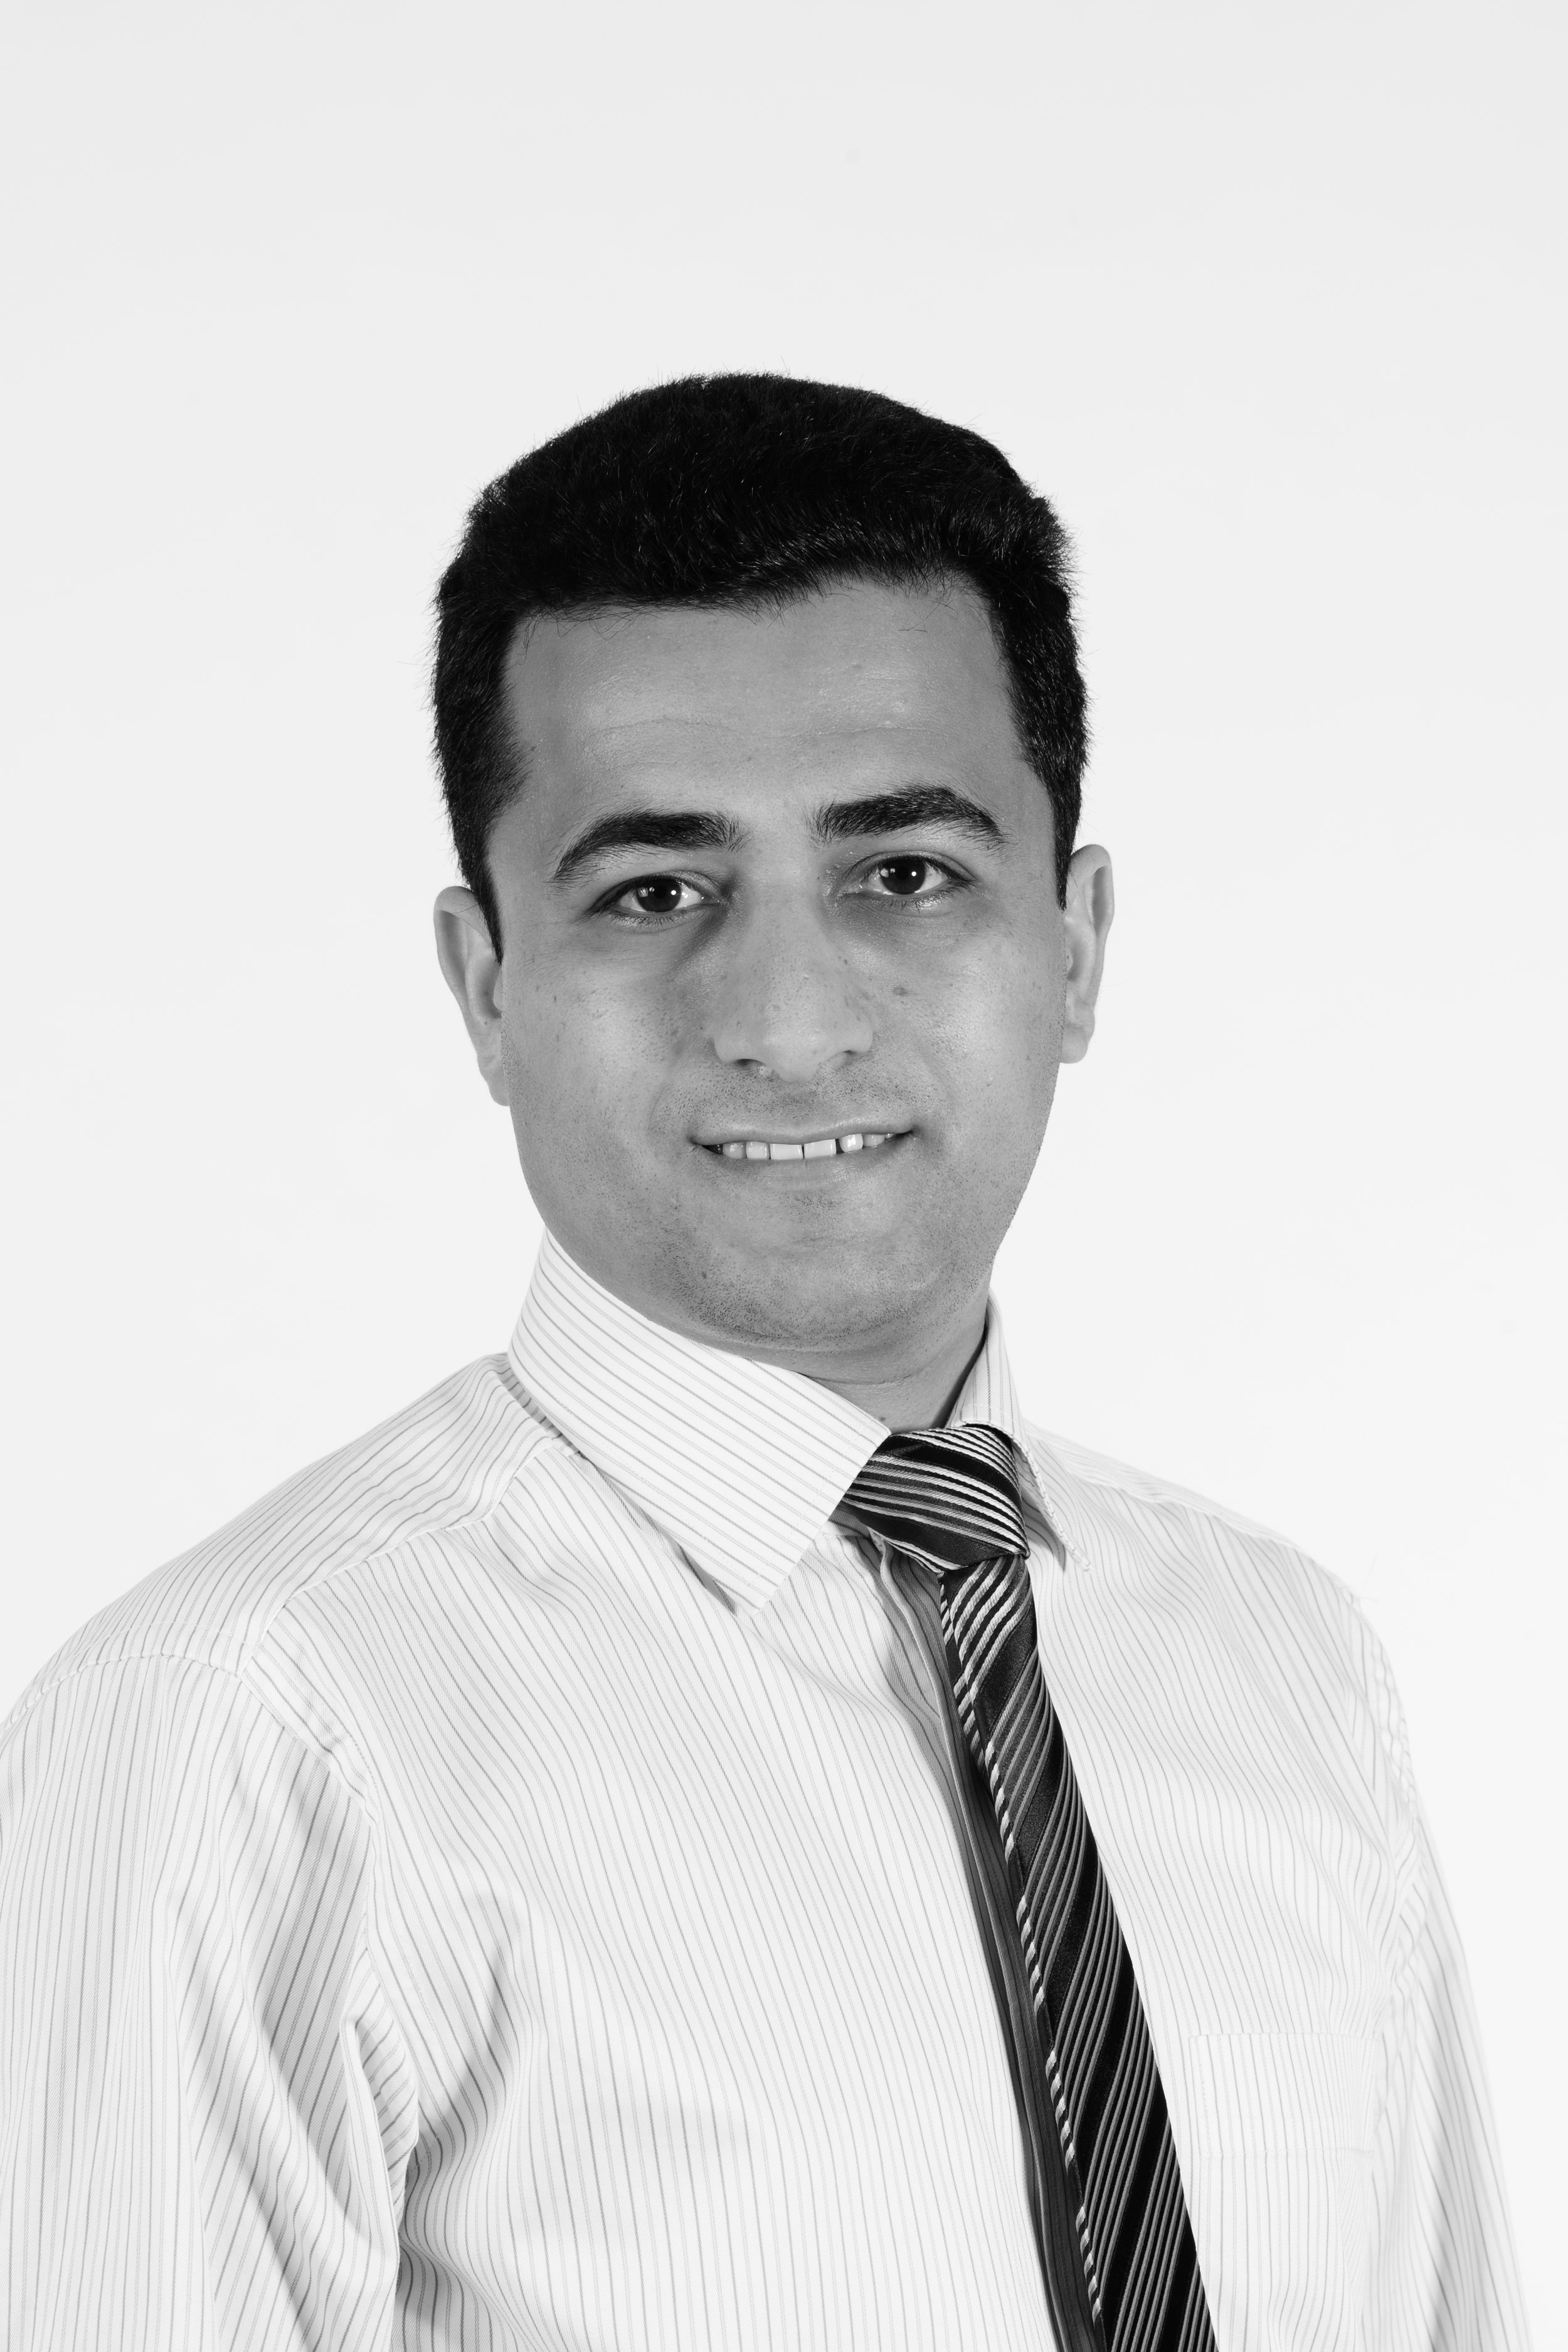 Portraits Ehsan Gharaie.jpg